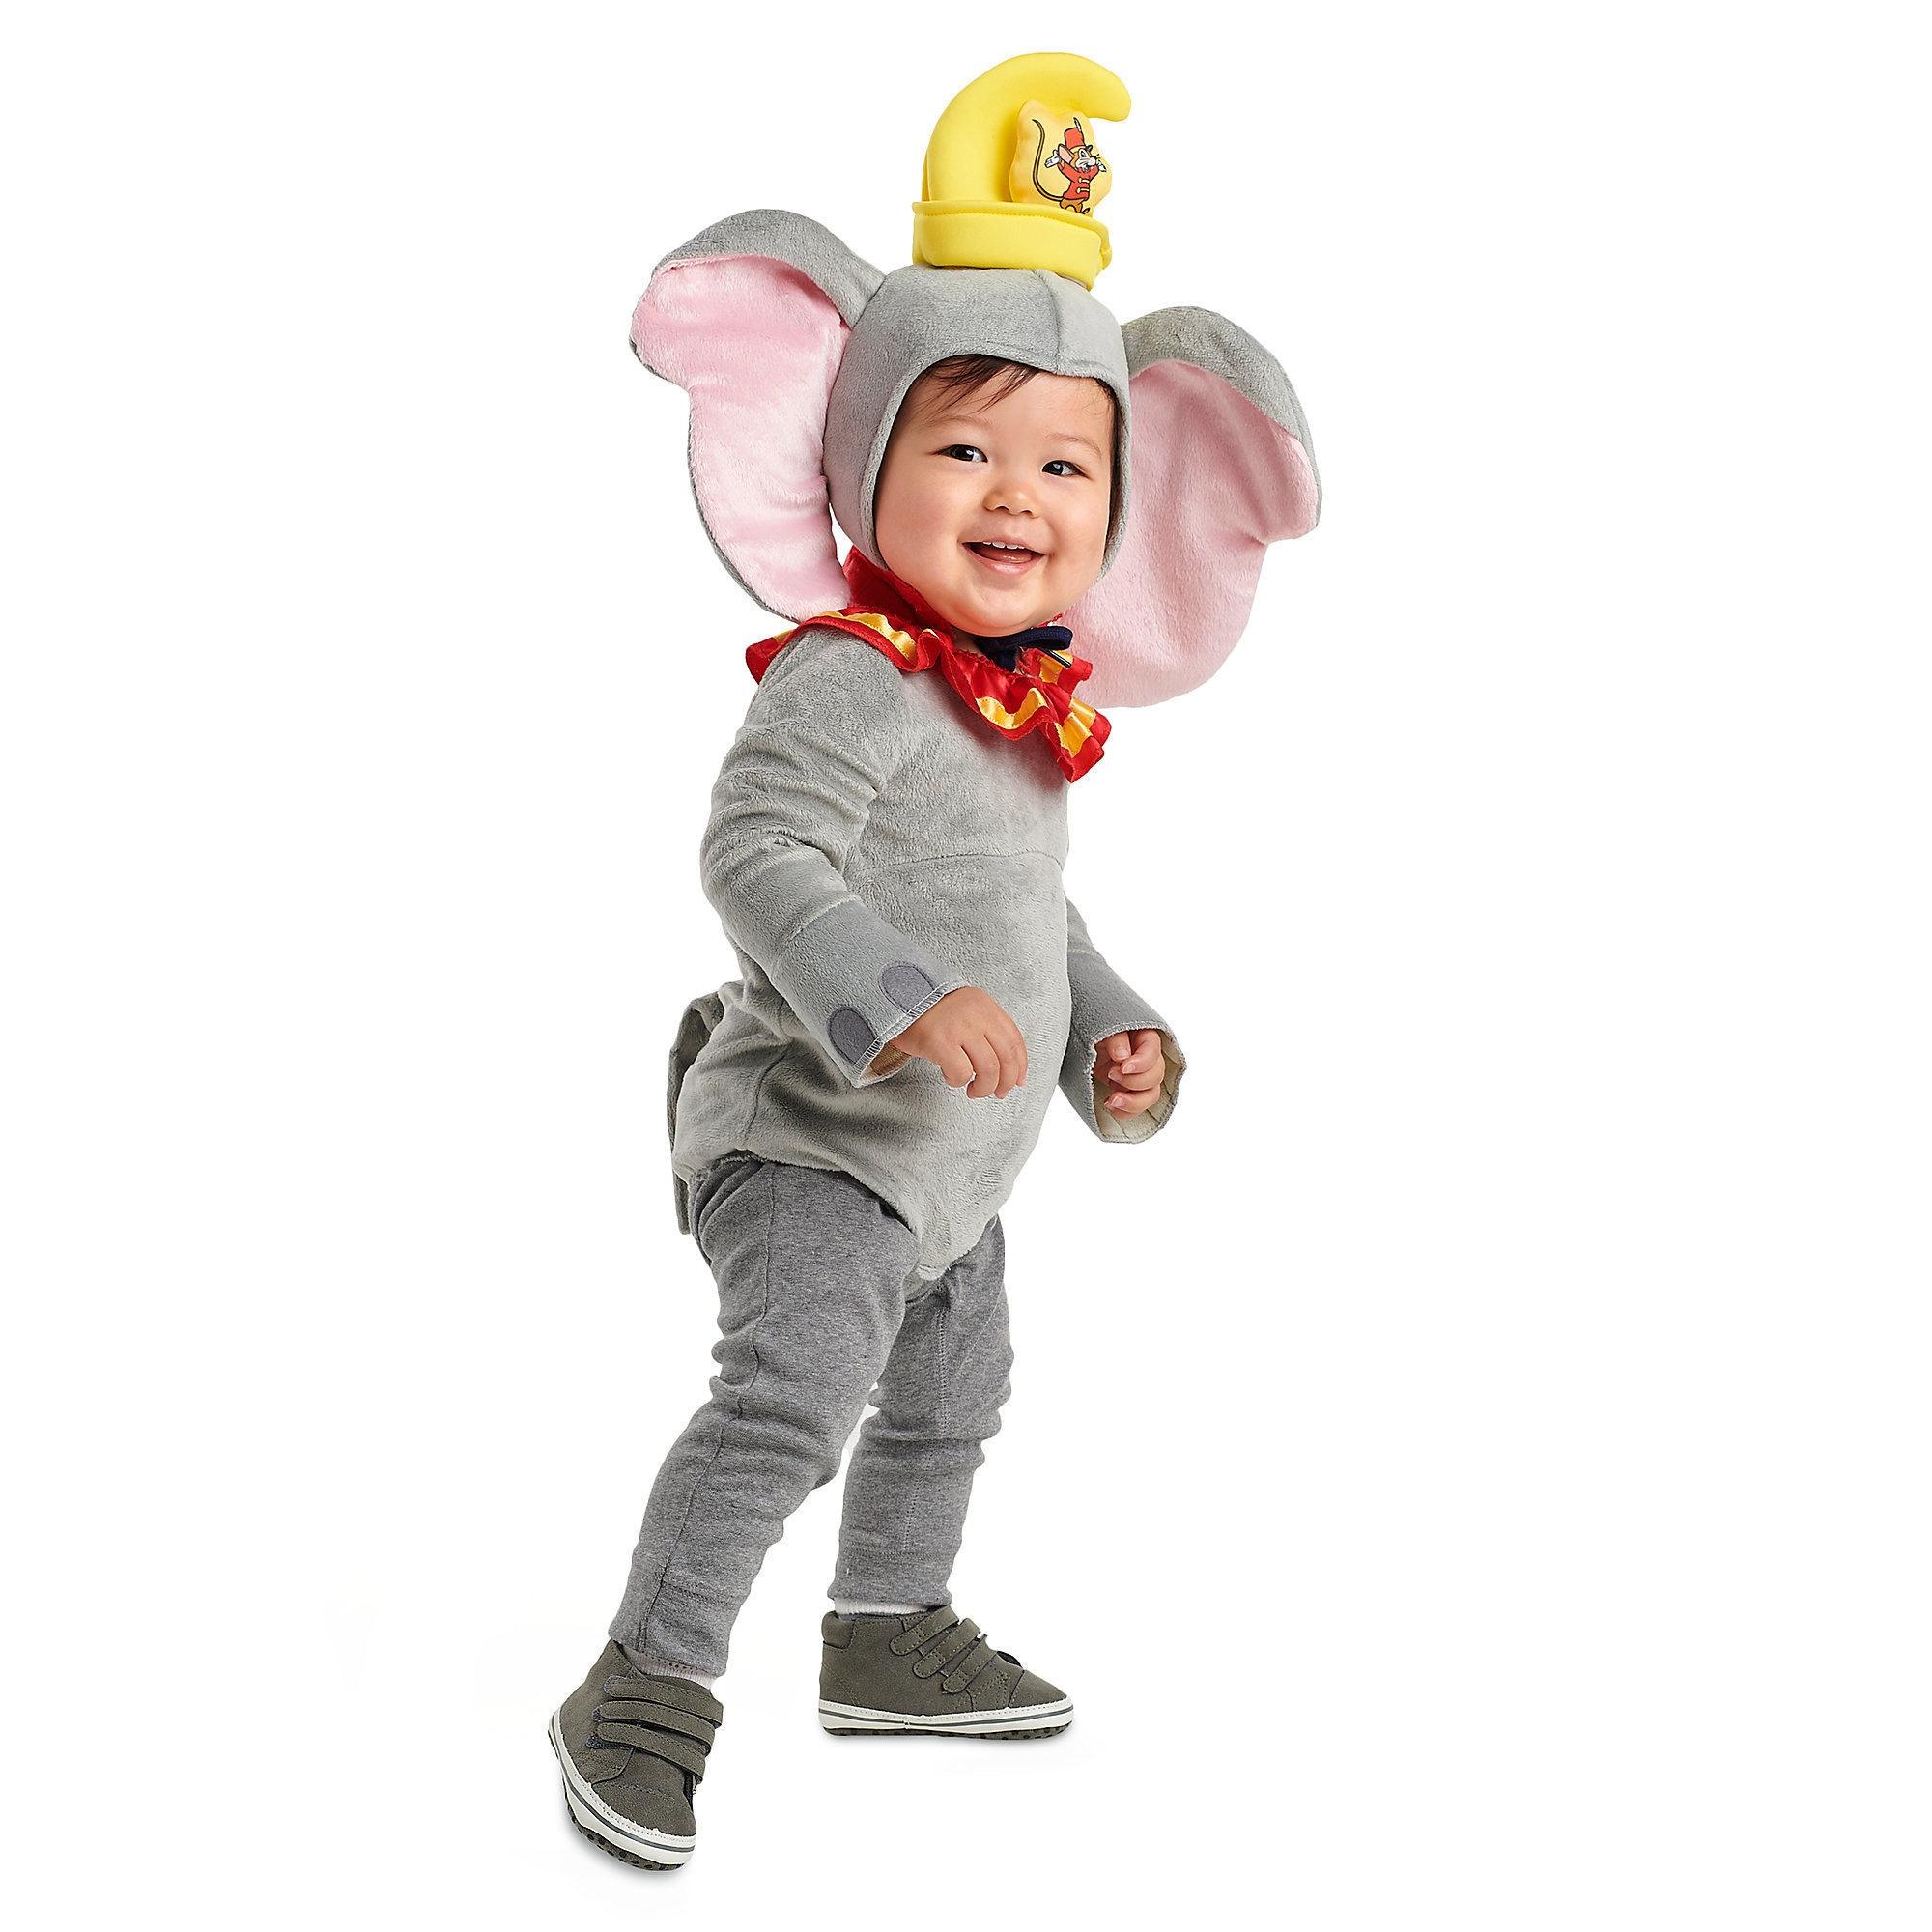 5ddce9739ff7 Dumbo Kid Costume   Disney Baby DUMBO Flying Elephant Halloween ...